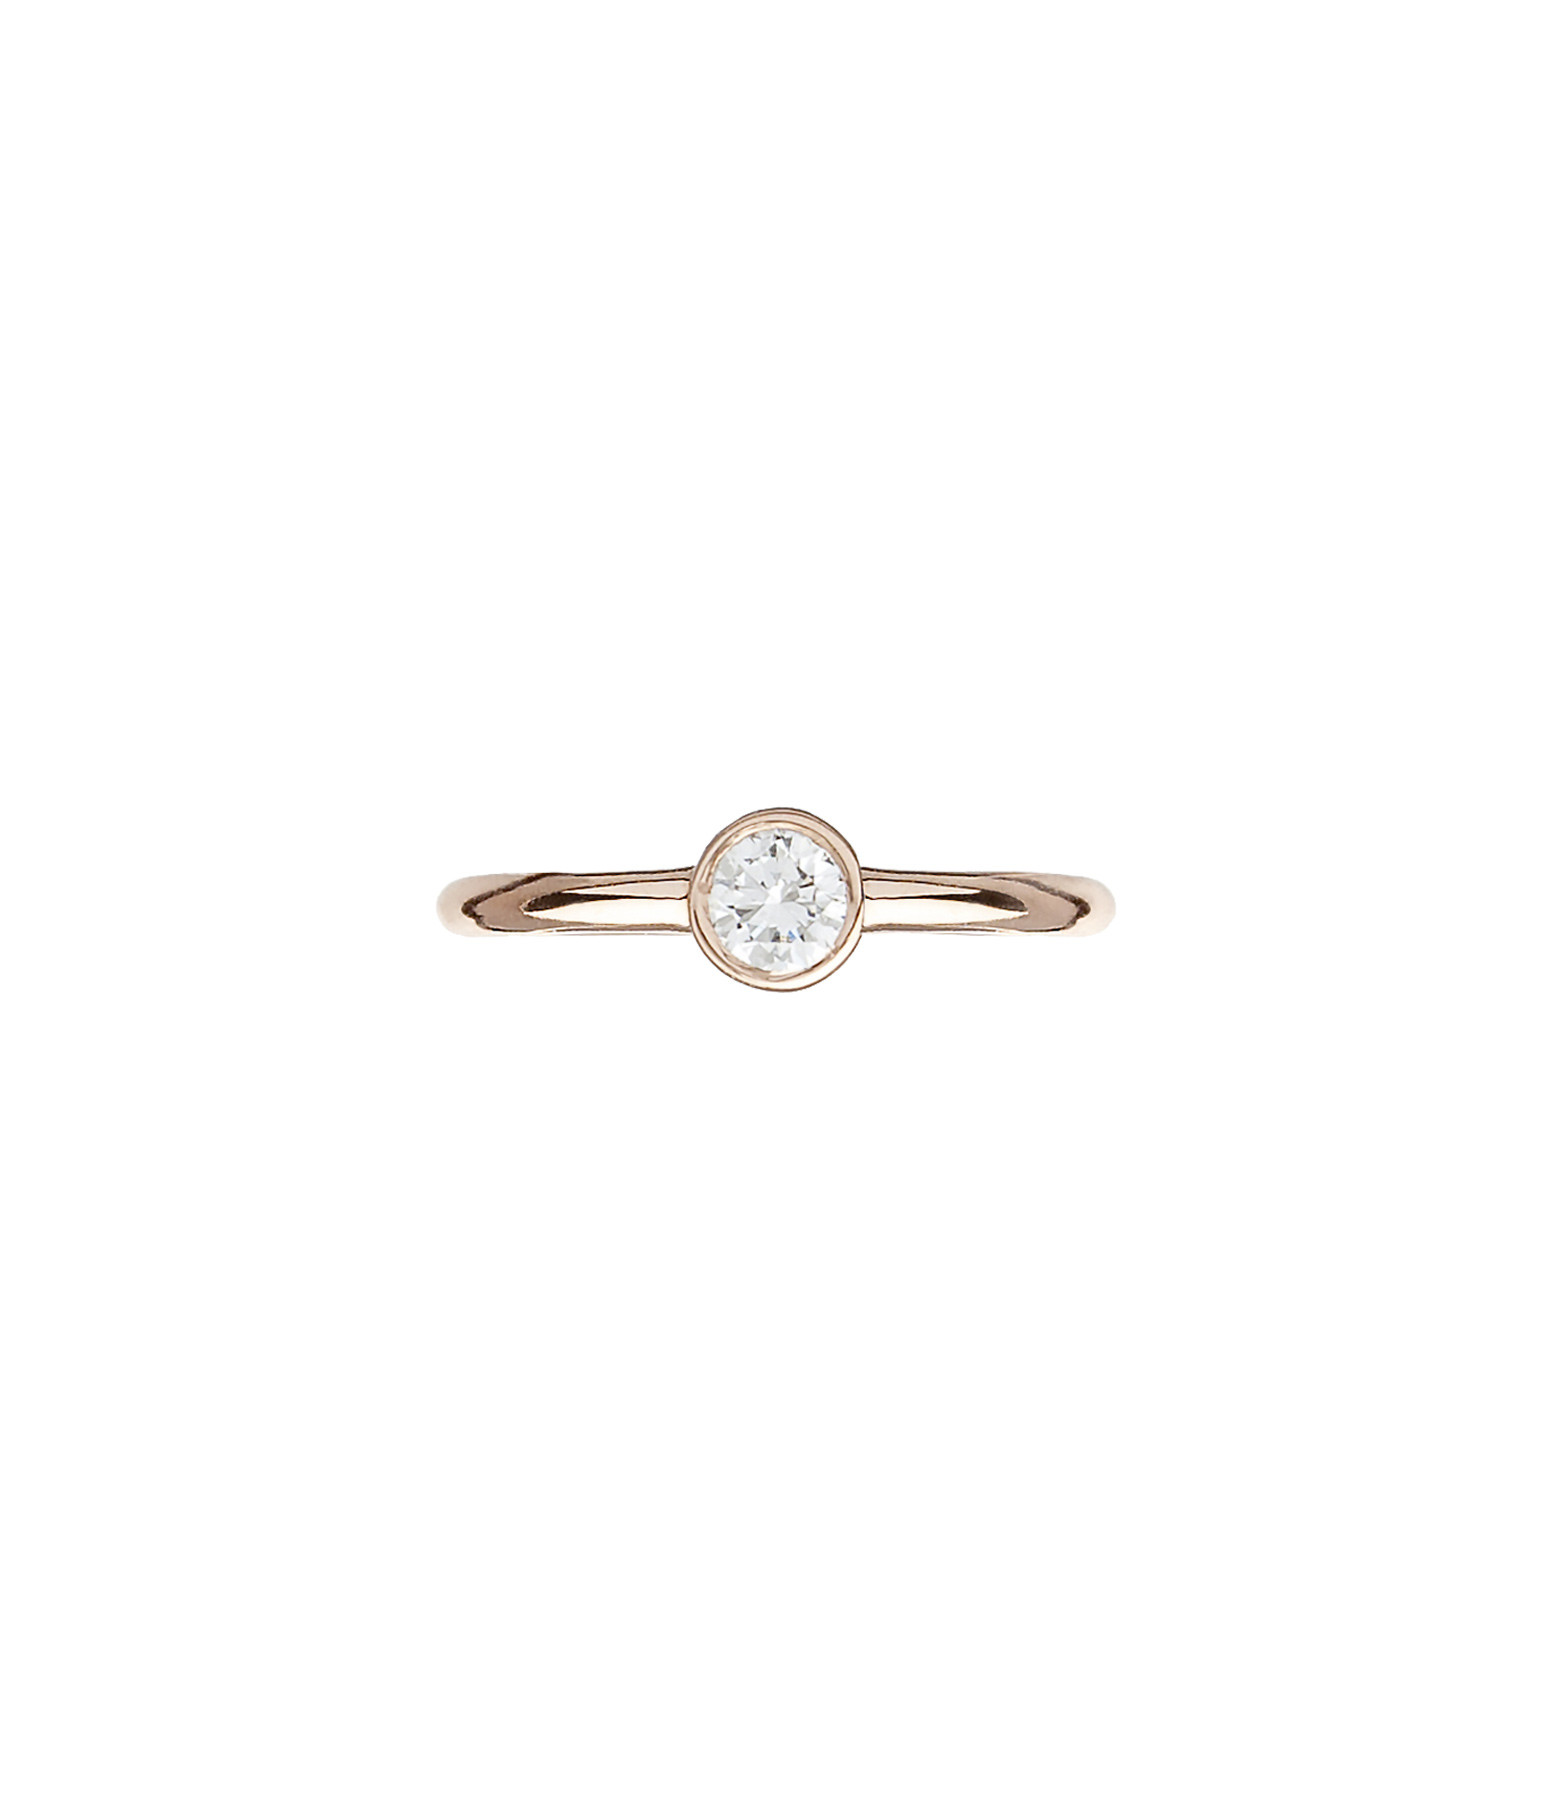 YANNIS SERGAKIS - Mini Créole Or Diamant Blanc (vendue à l'unité)